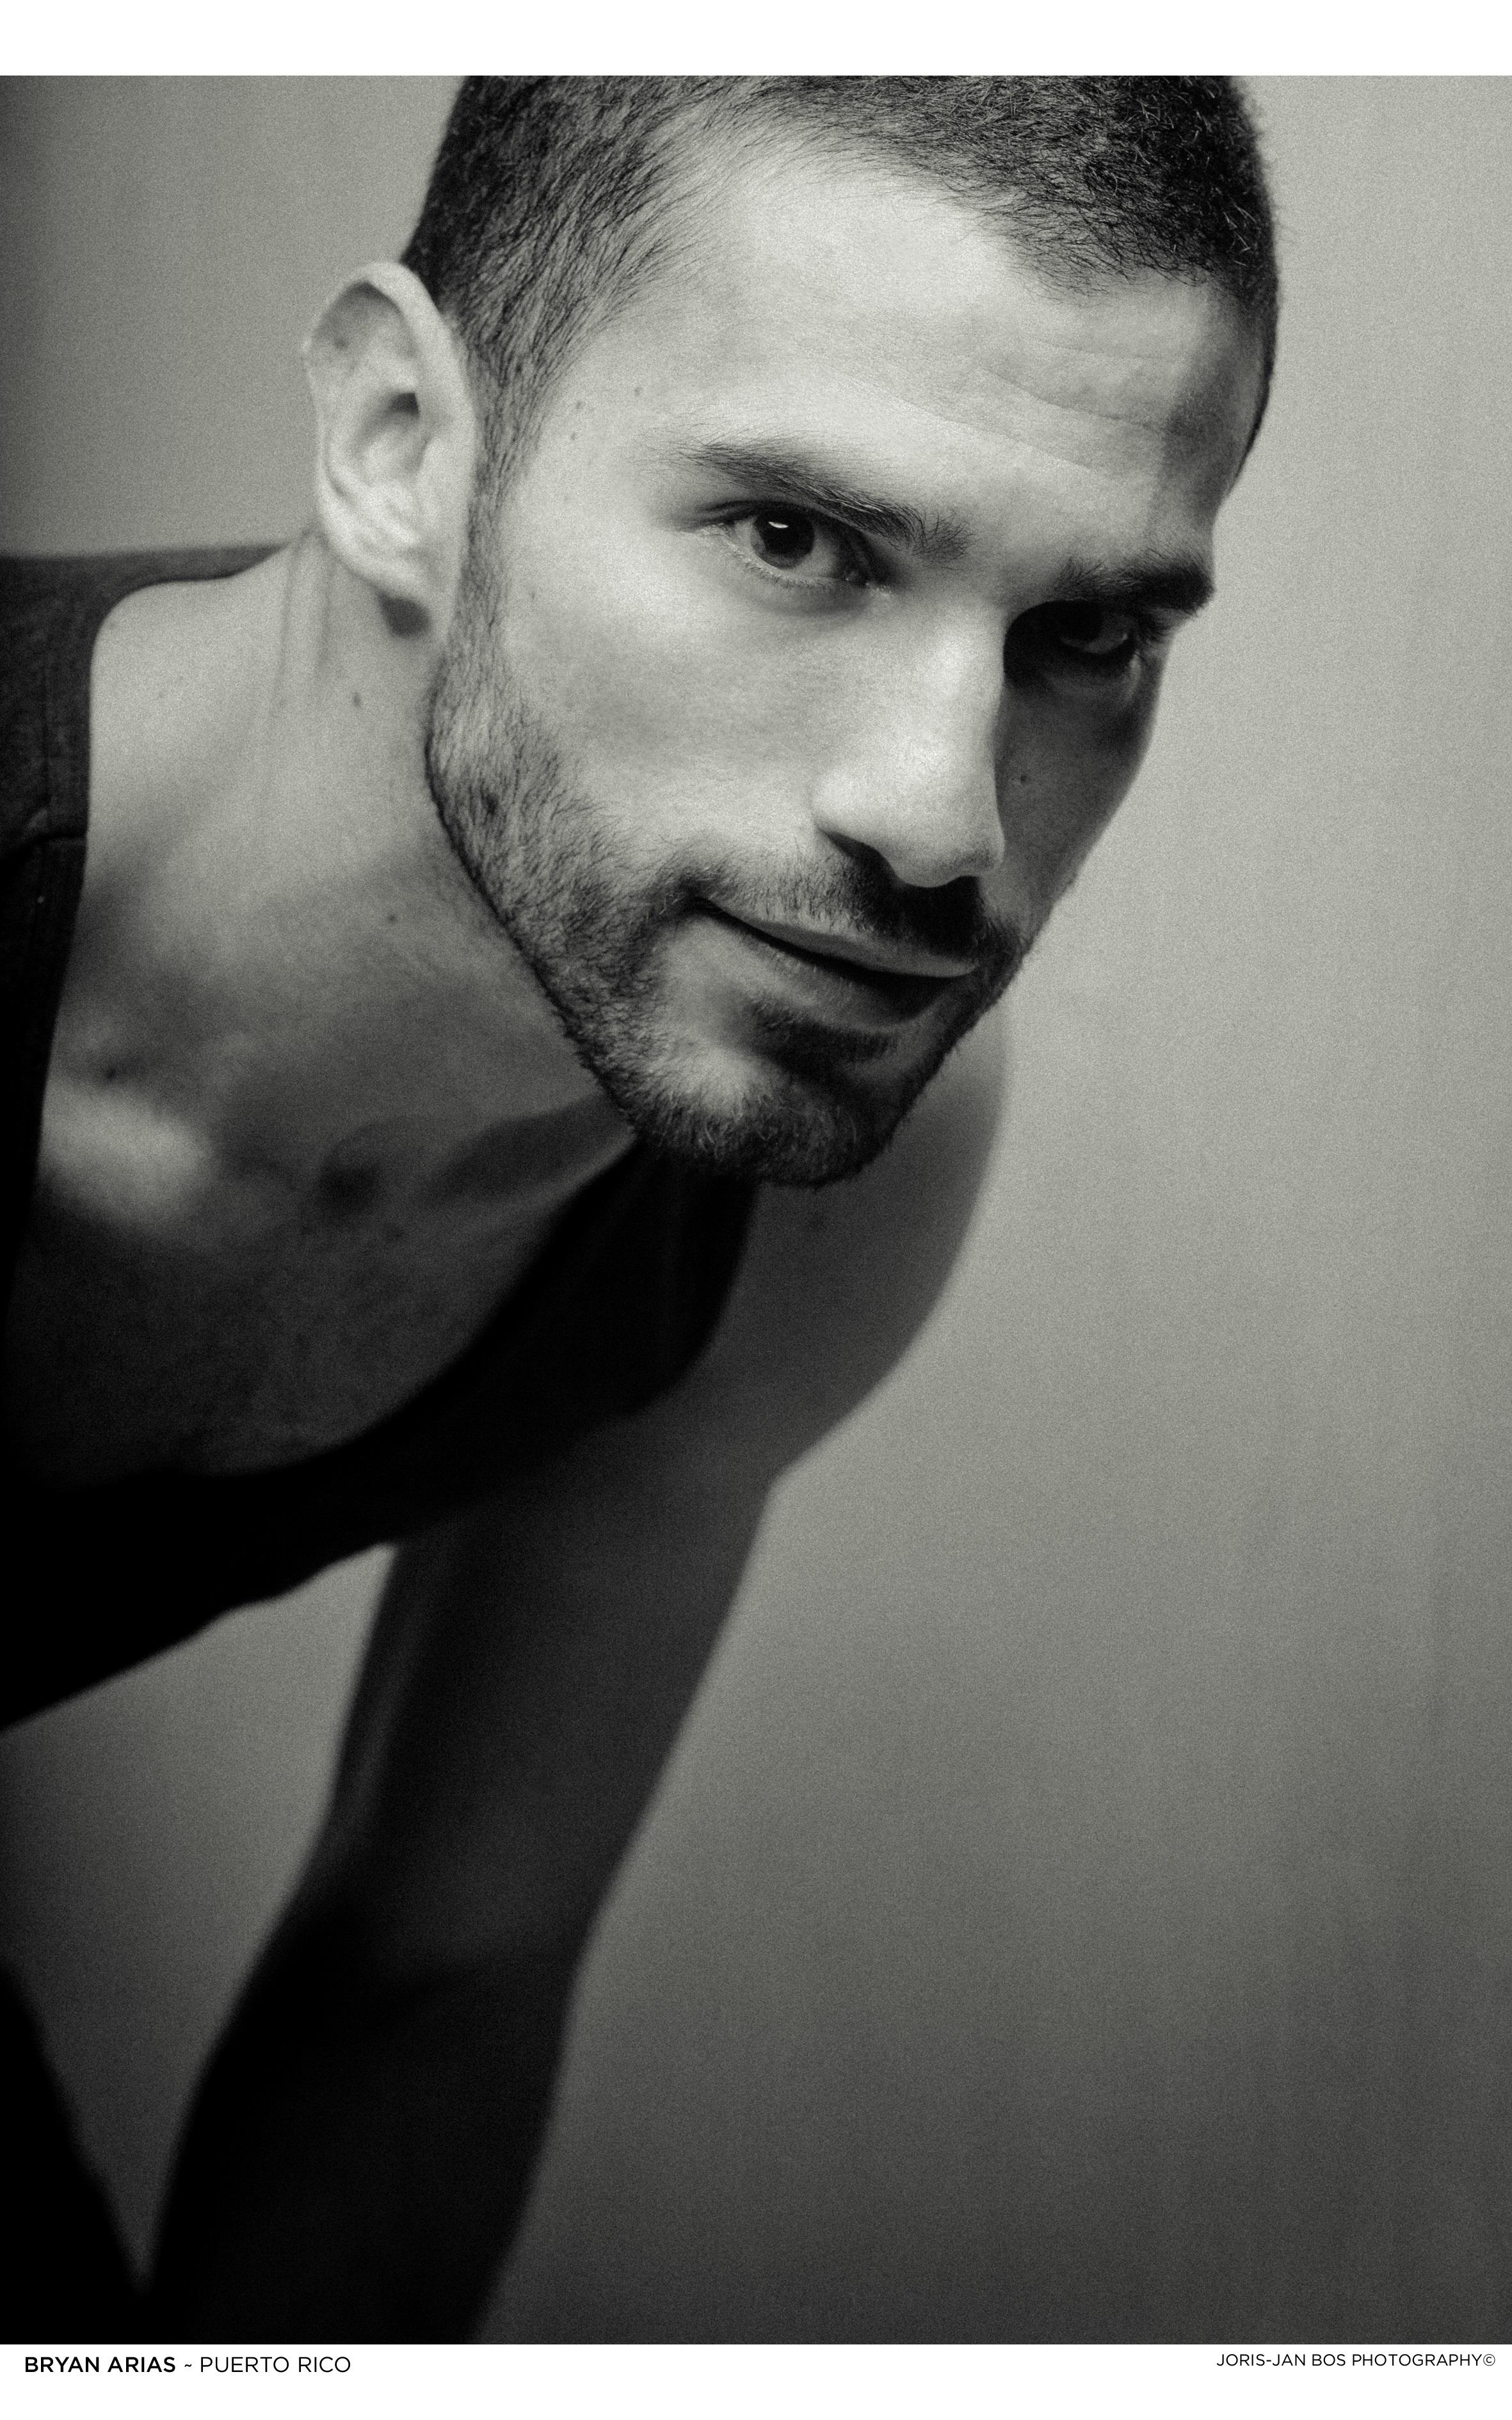 Bryan Arias